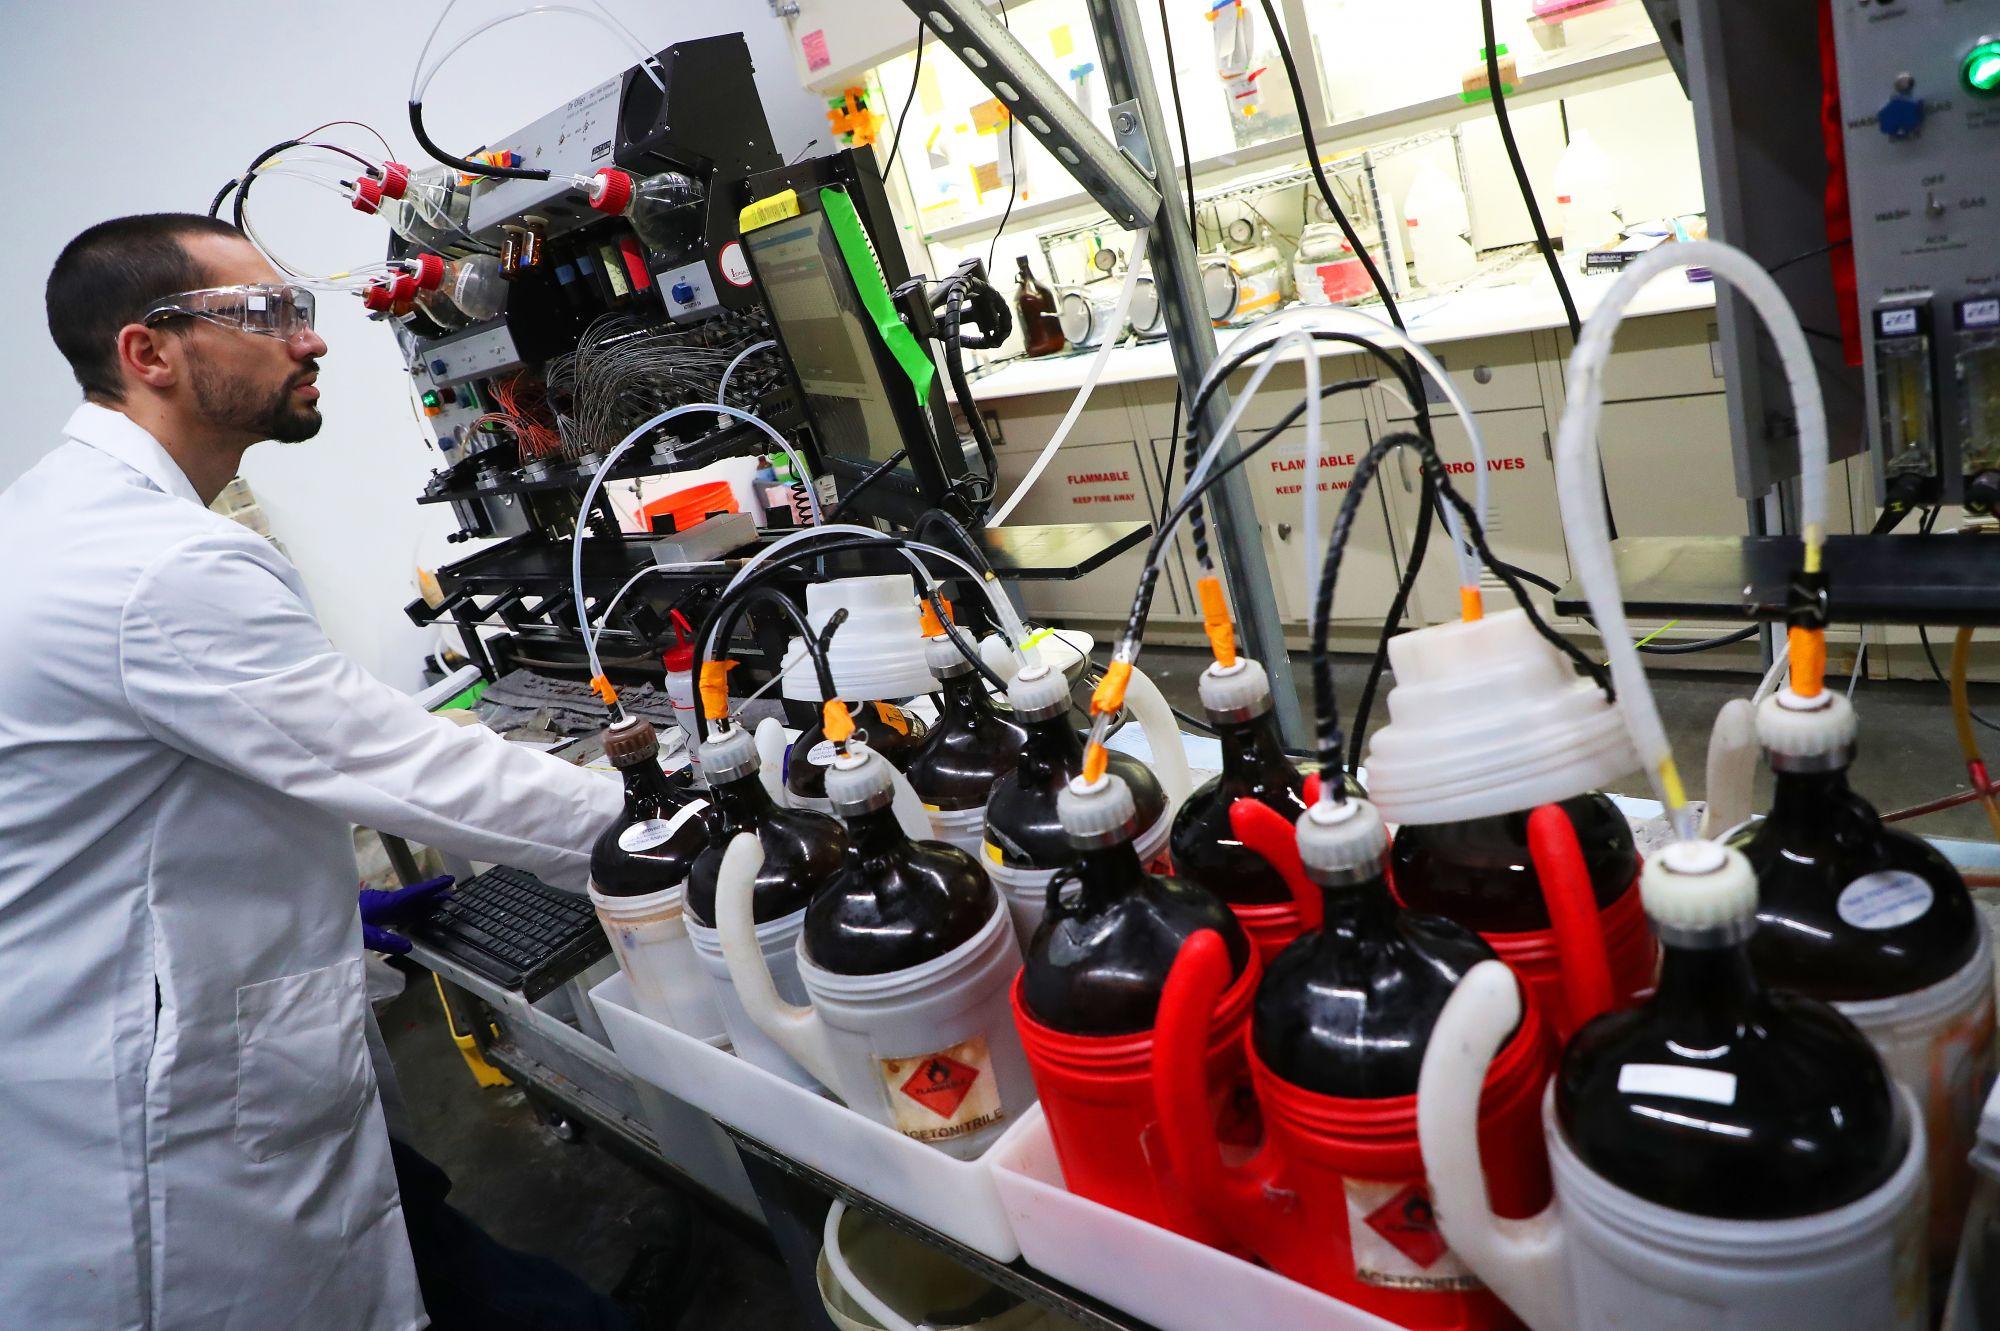 Синтез ДНК. Специалист лаборатории ATUM работает с ДНК-синтезатором. Компания производит цепочки ДНК на заказ